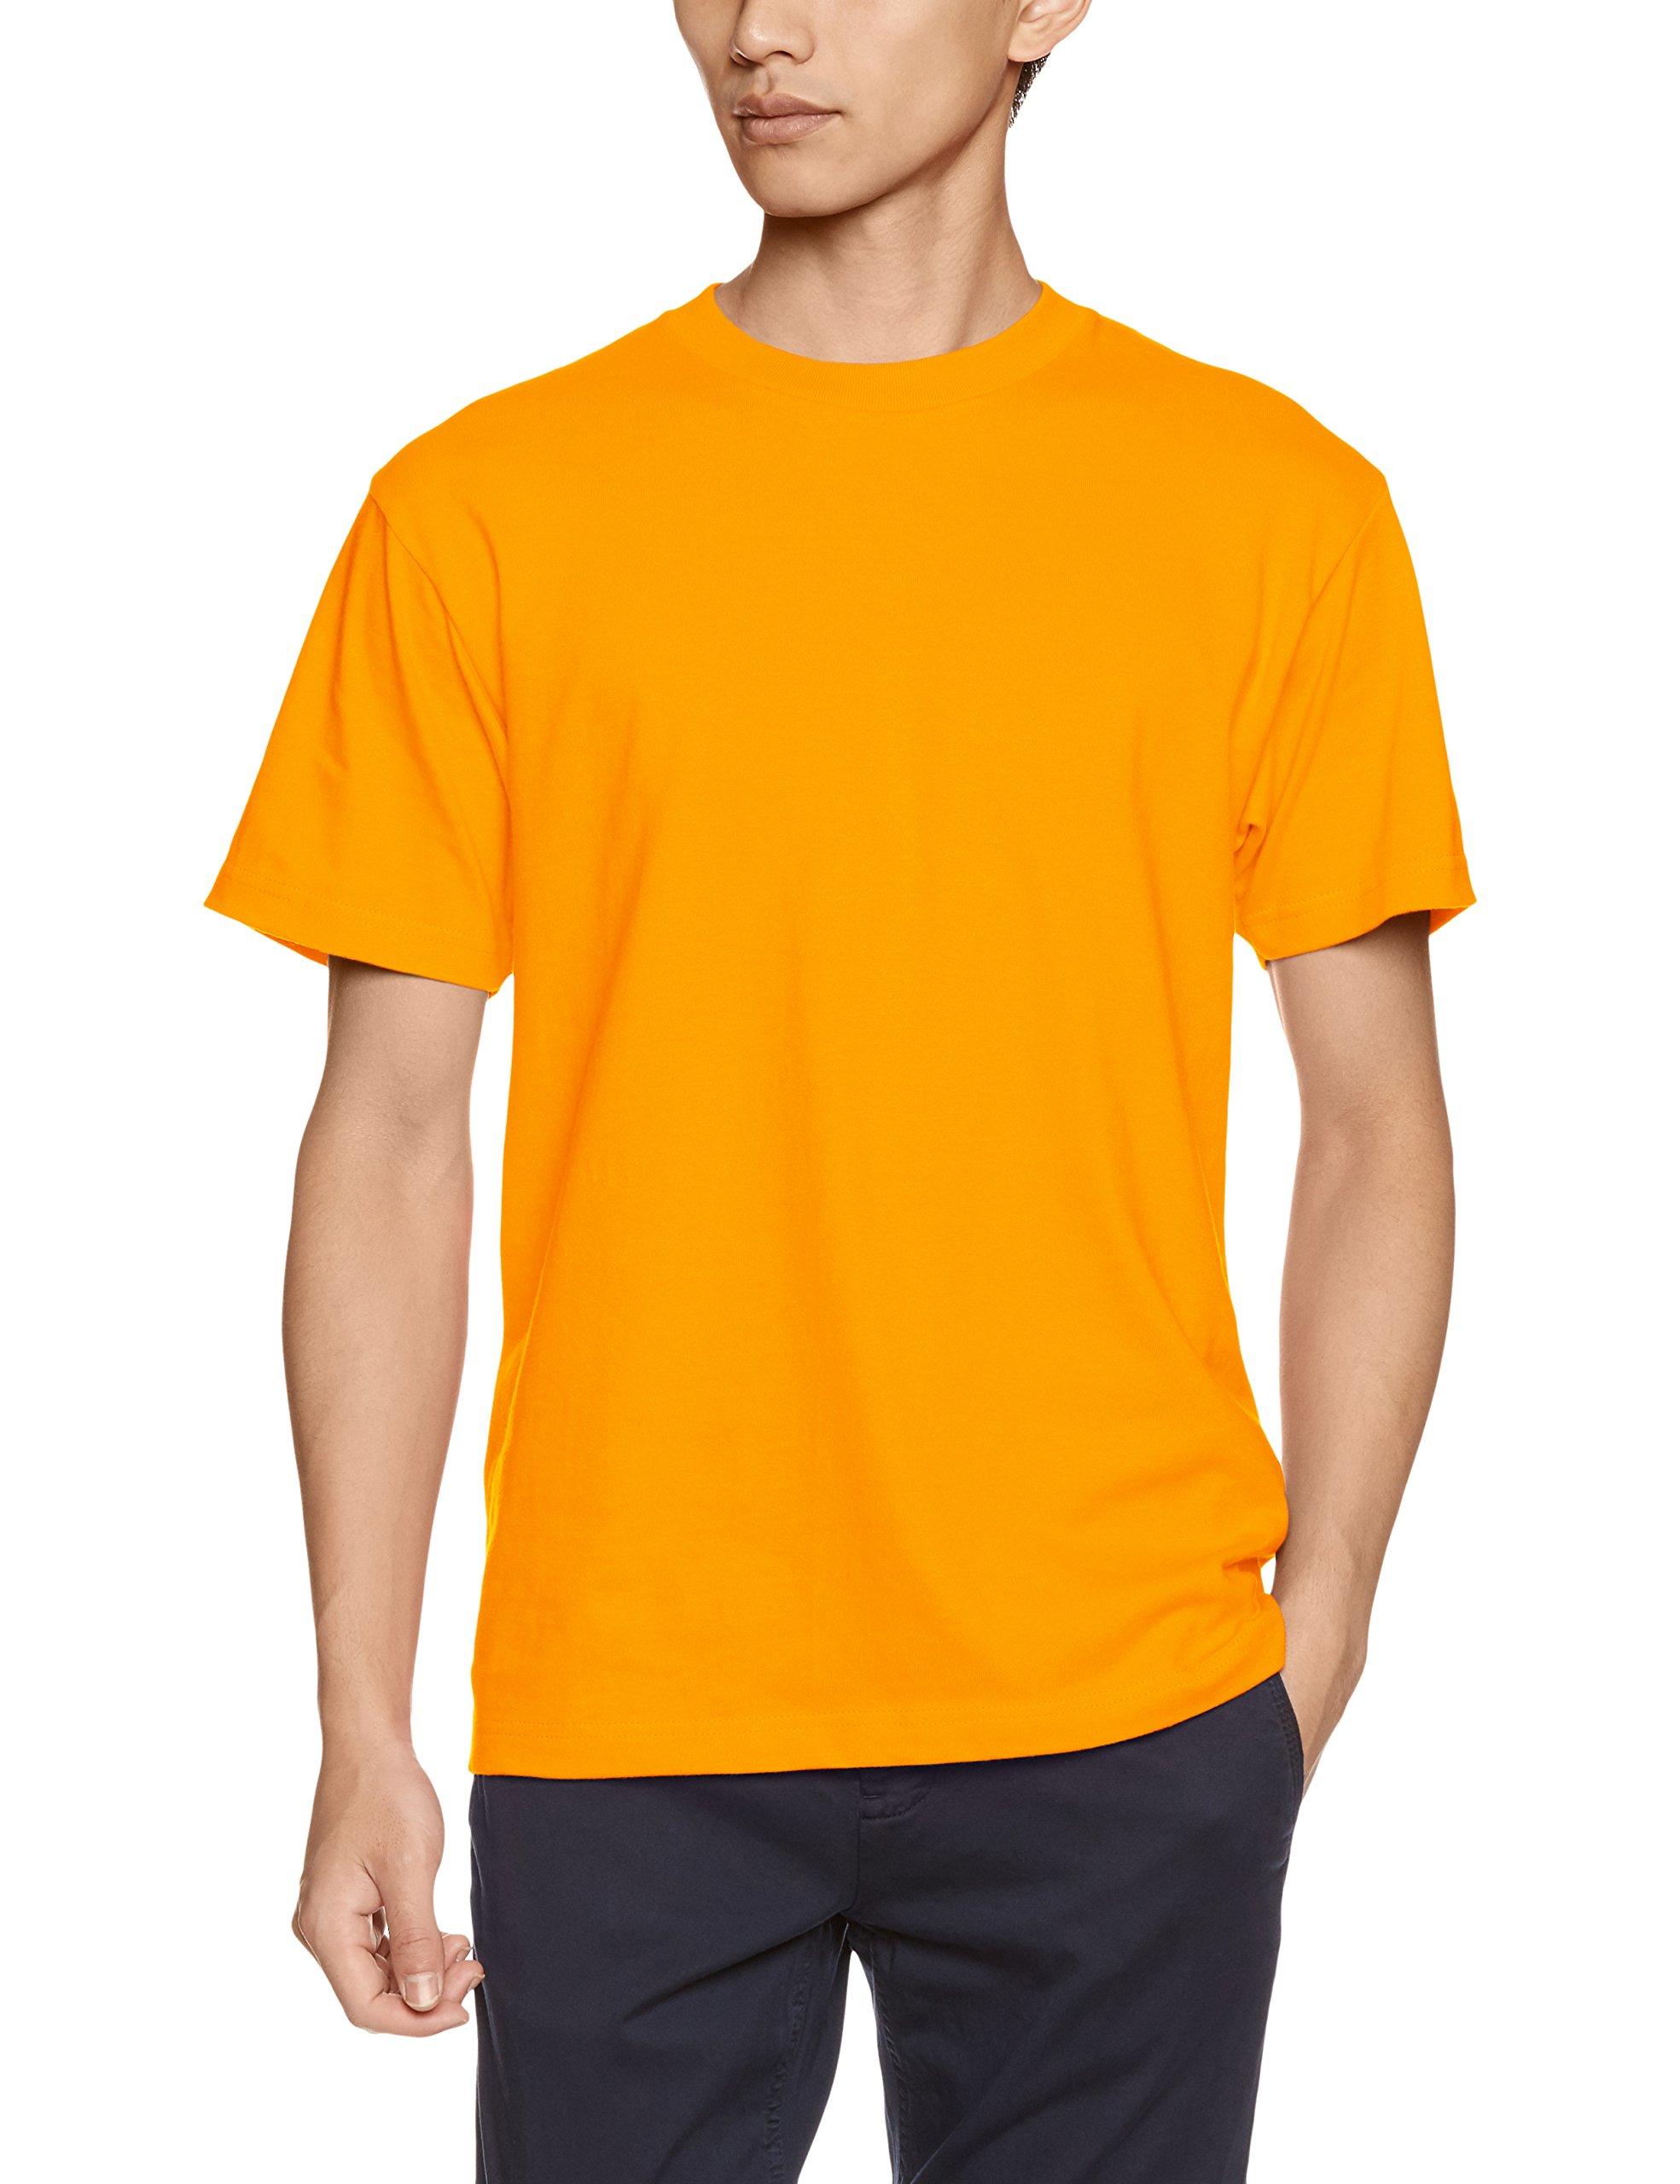 プリントスター 半袖 5.6オンス へヴィー ウェイト Tシャツ 00085-CVT ゴールドイエロー XXXL 日本サイズ4L相当